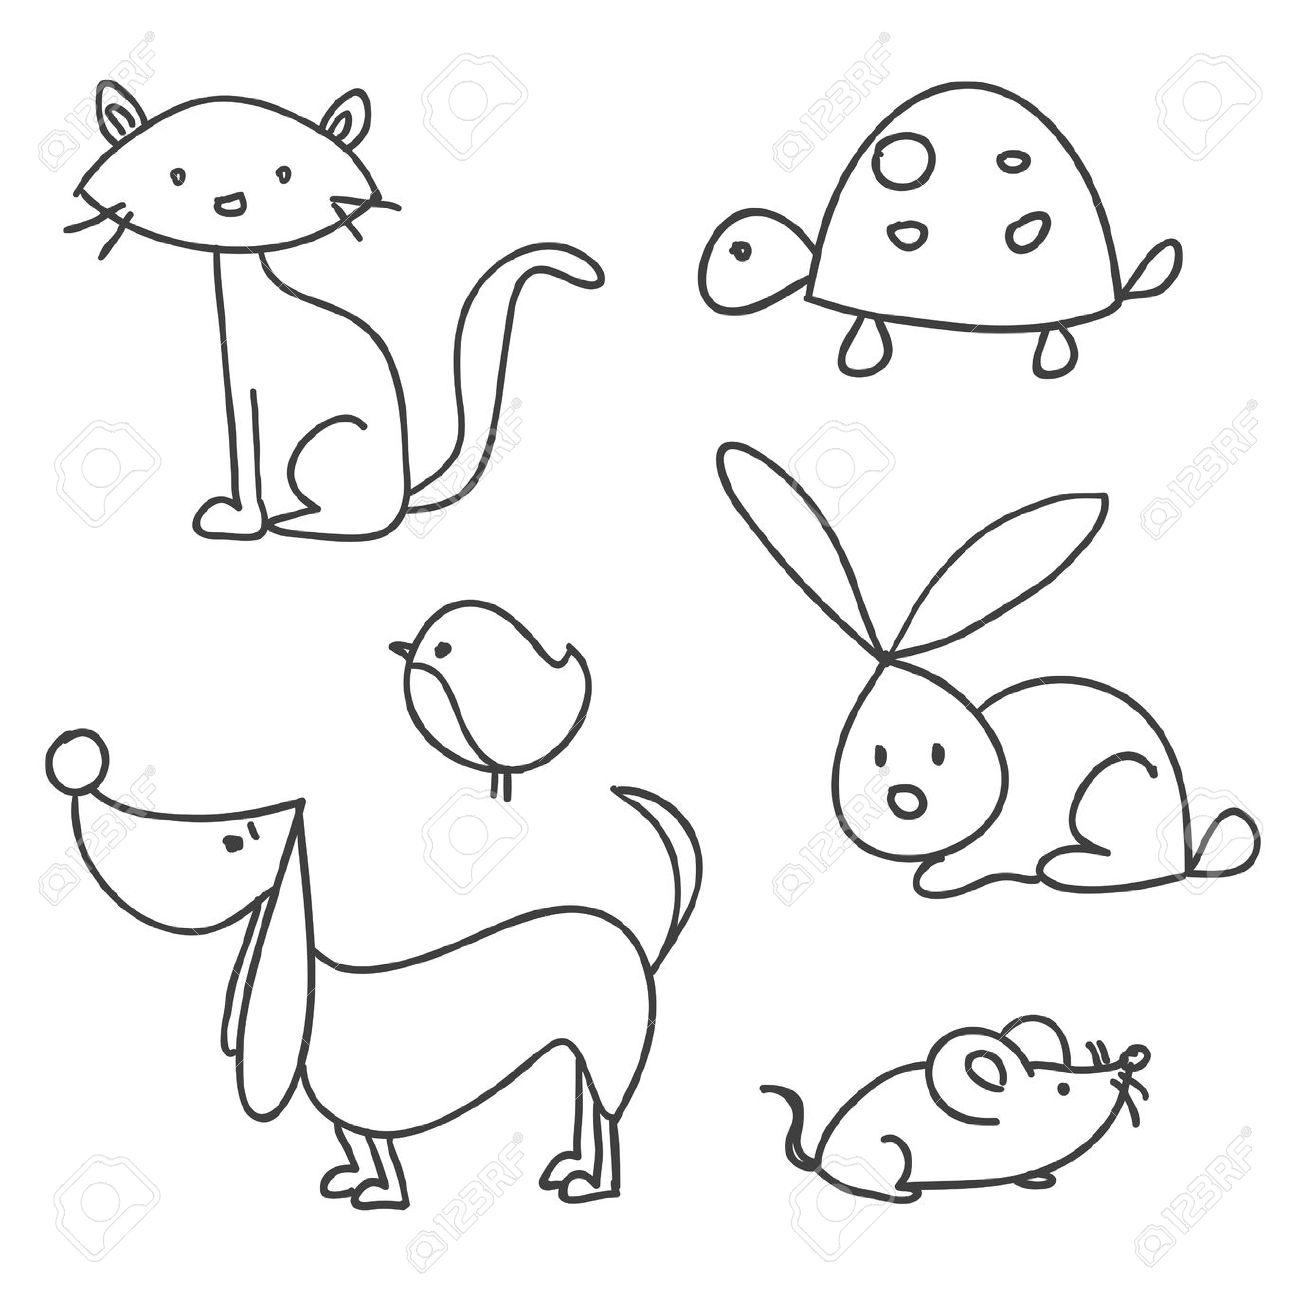 1300x1296 Drawn Cat Cartoon